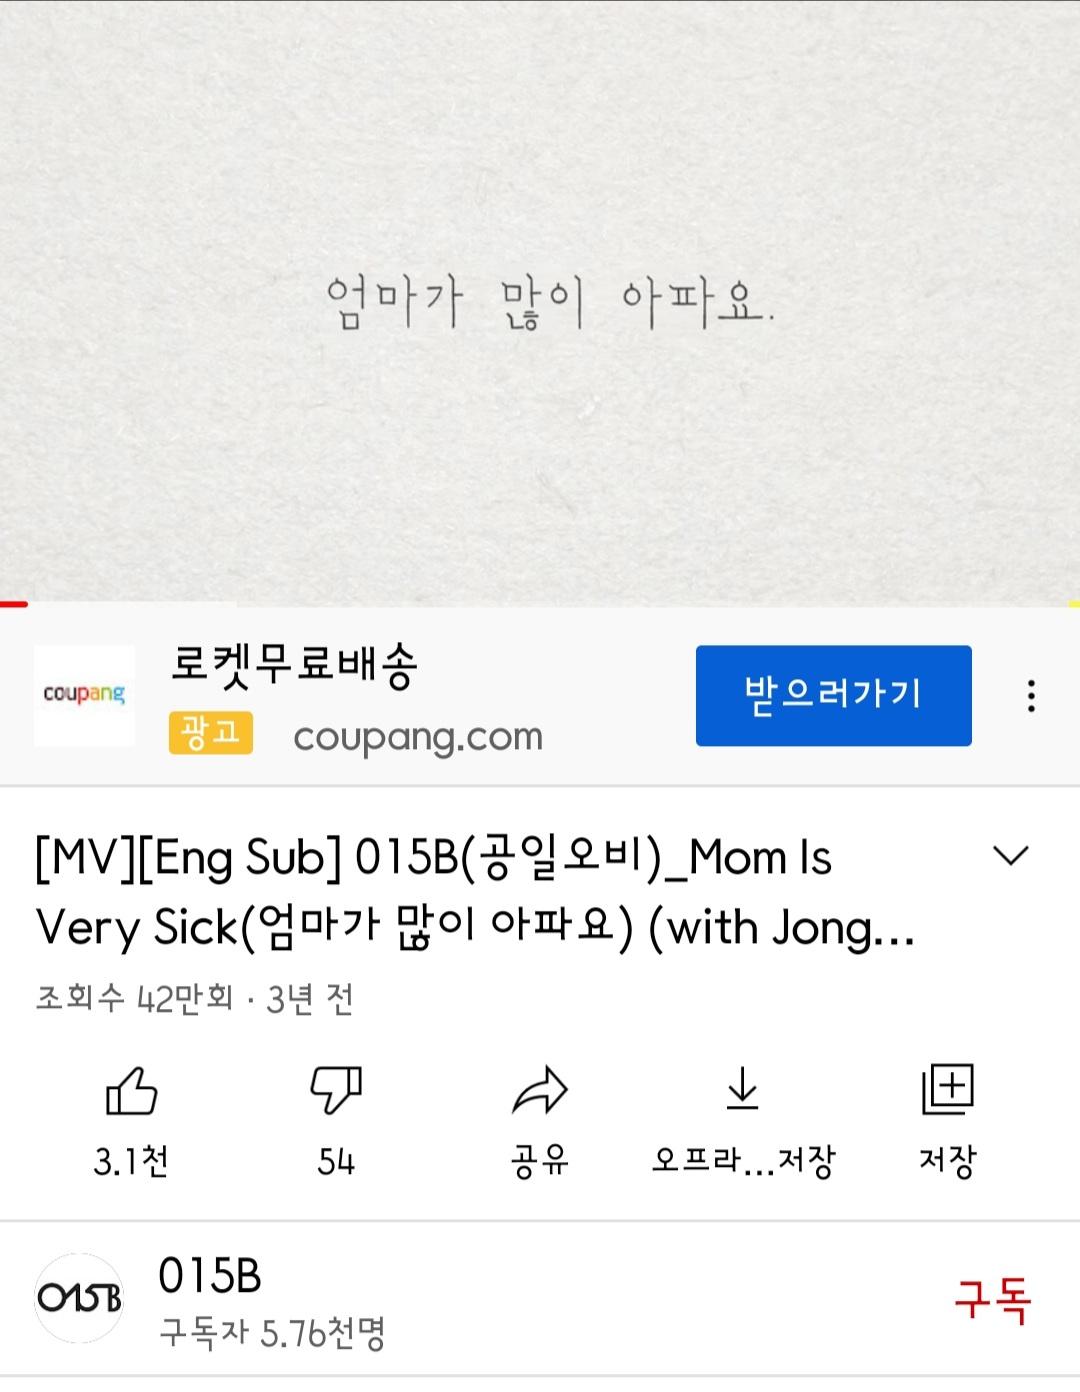 """조우종의 FM대행진(북스타그램), 아침부터 울려버린 노래 """"엄마가 많이 아파요(윤종신)"""""""